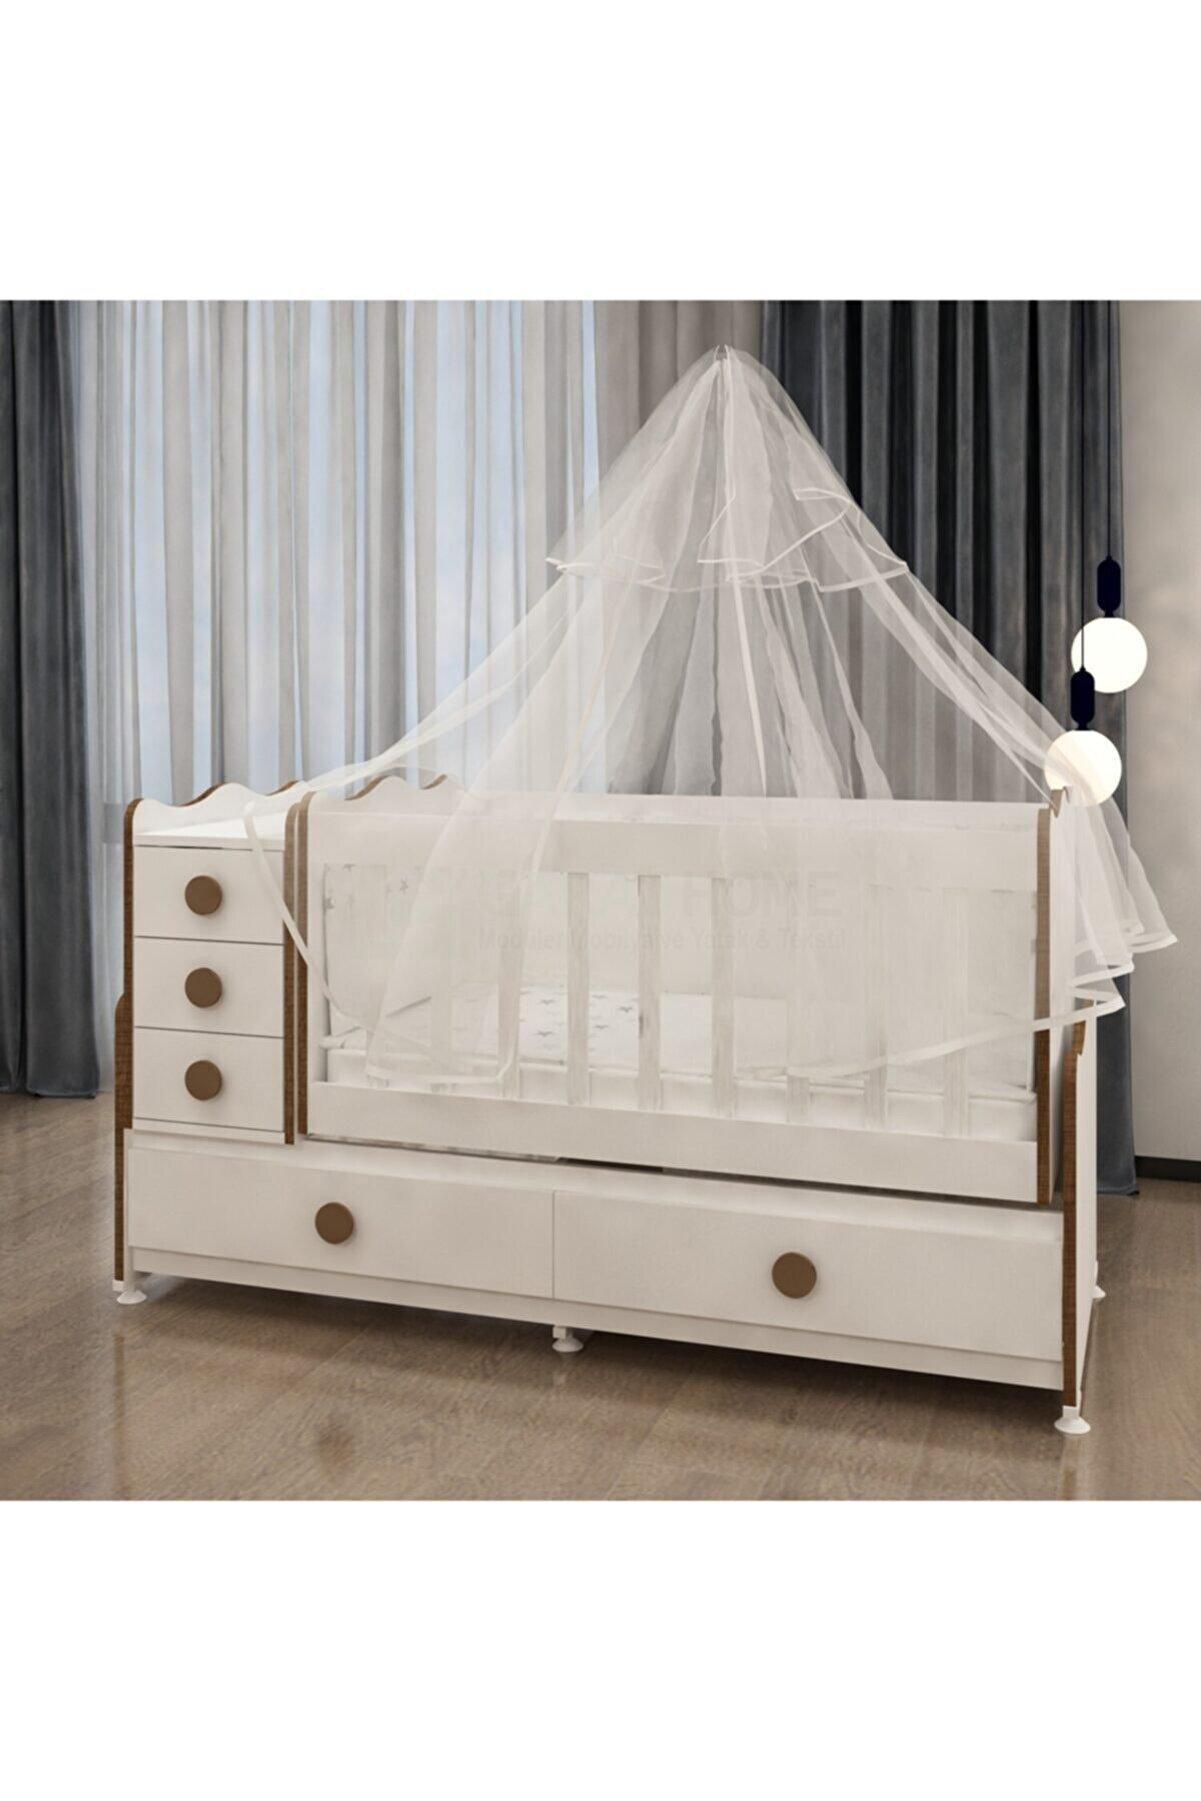 Garaj Home Melina Sümela Uyku Setli Beşik Kombini- Uykuseti Pembe